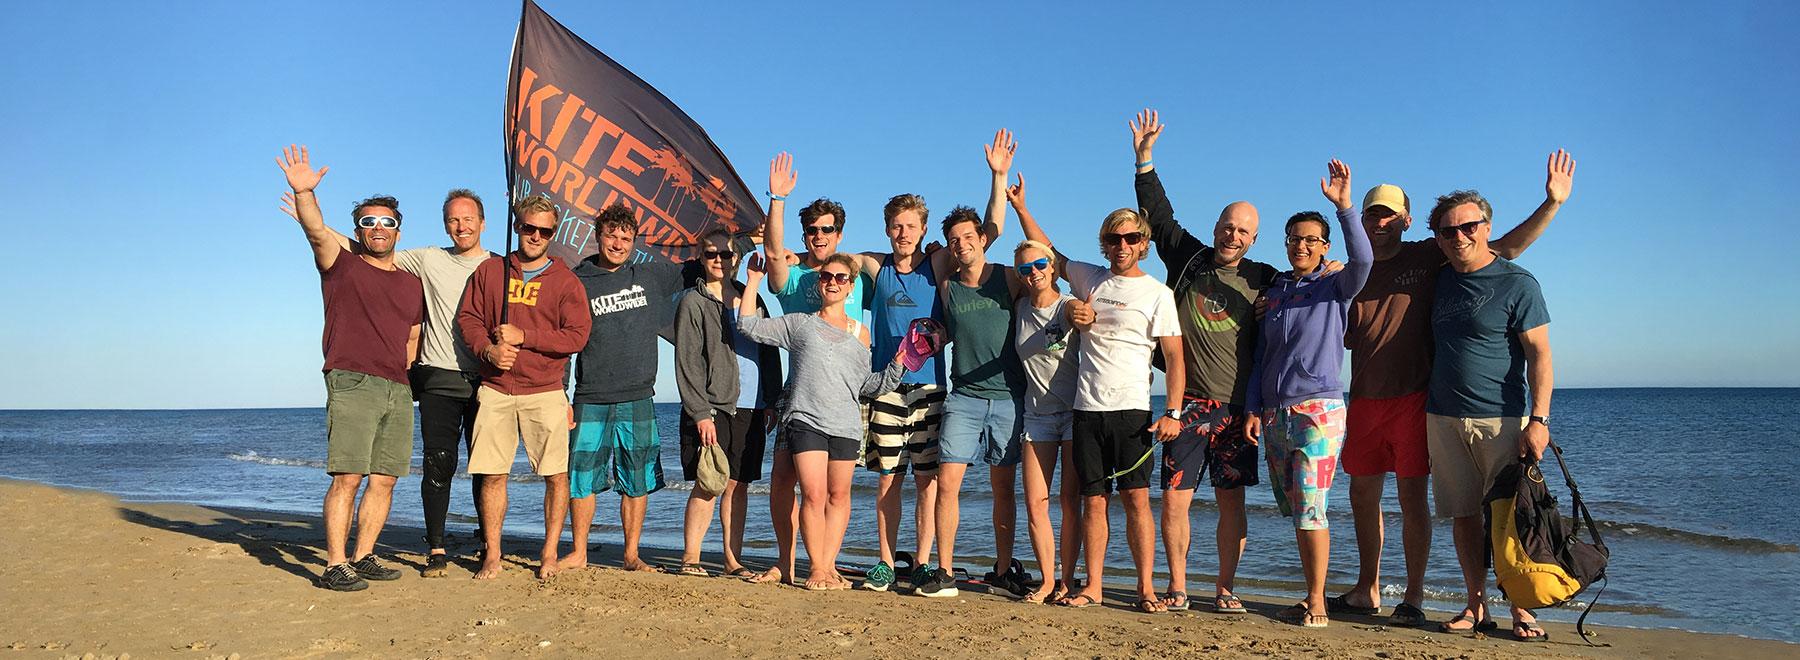 Kitesurfen mit Kiteboarding Events auf Sizilien